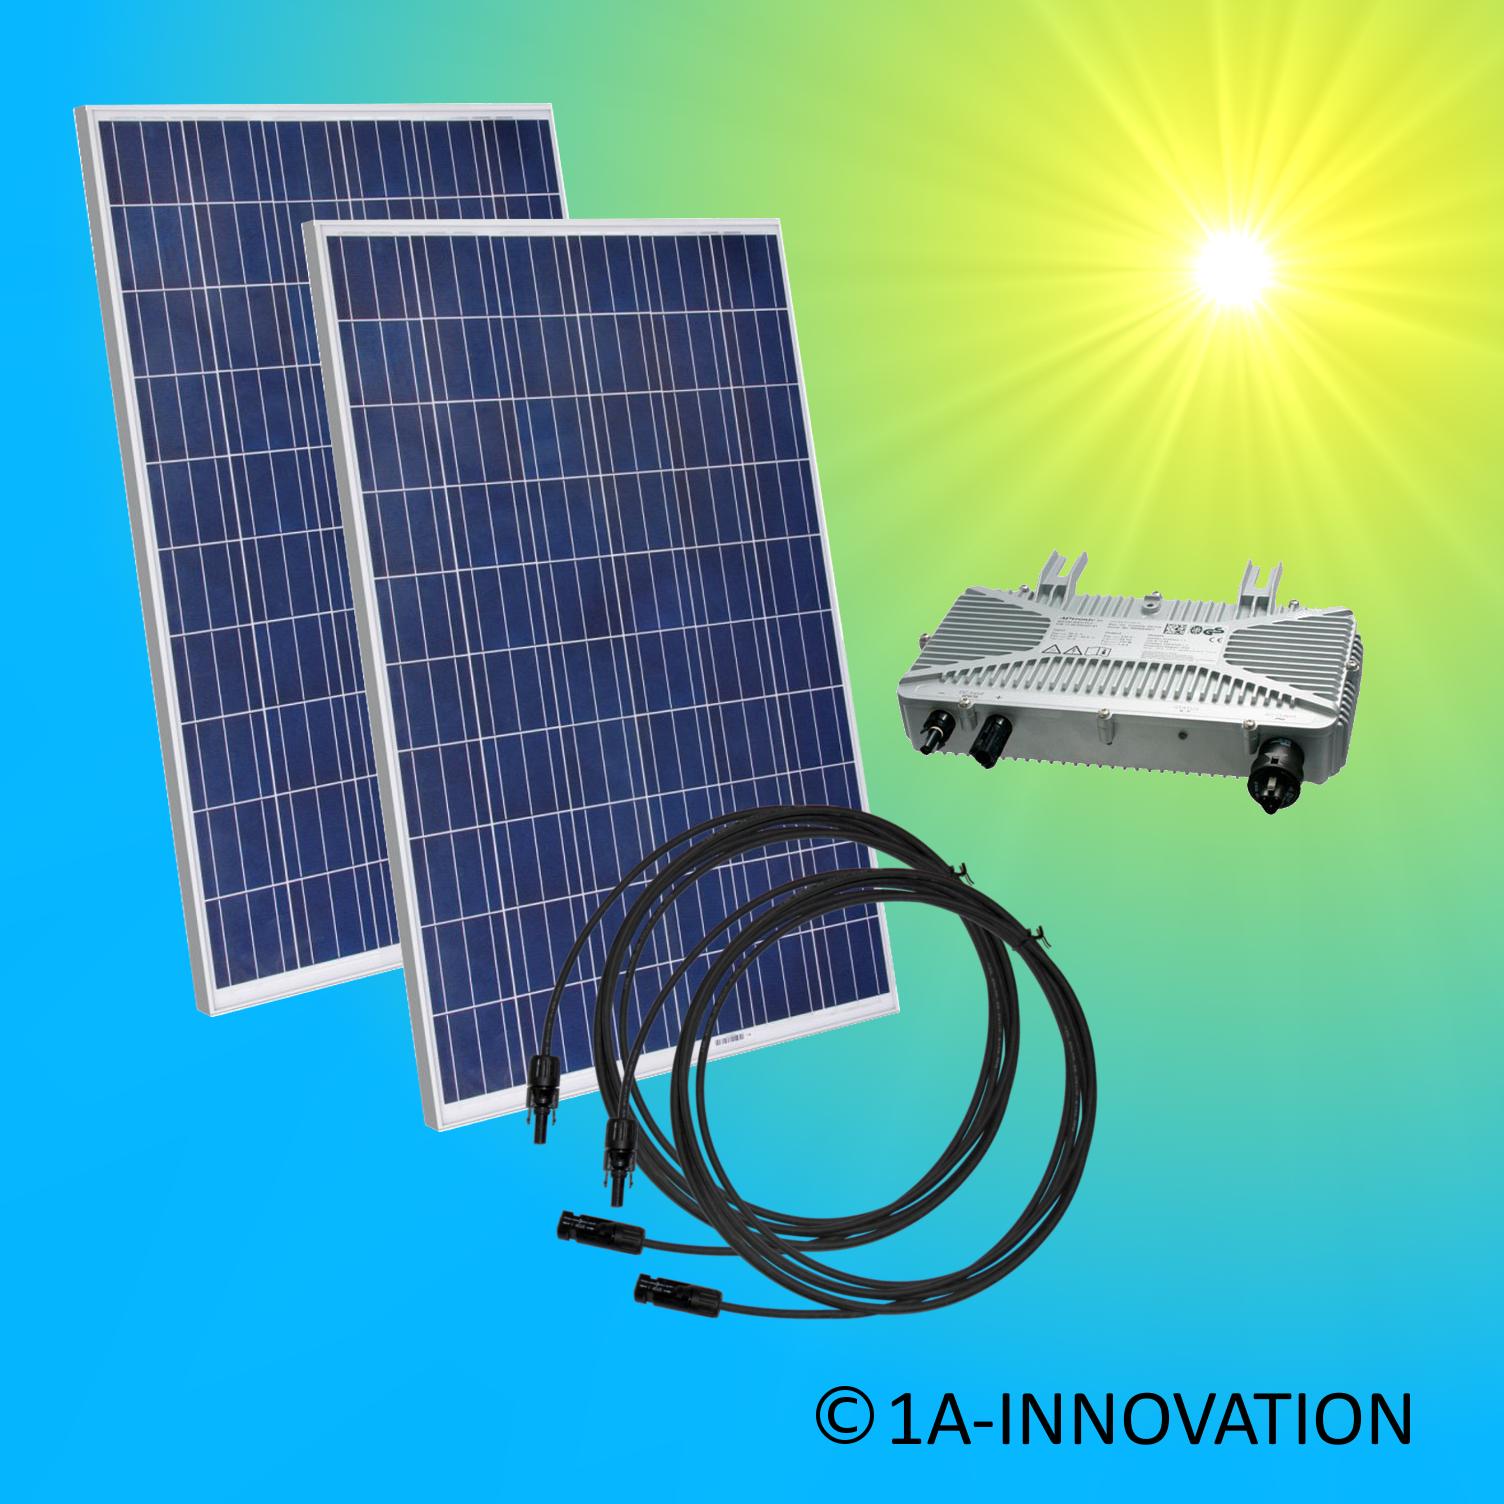 solaranlage komplettpaket 500watt 0 5 kw solar anlage hausnetzeinspeisung plug ebay. Black Bedroom Furniture Sets. Home Design Ideas